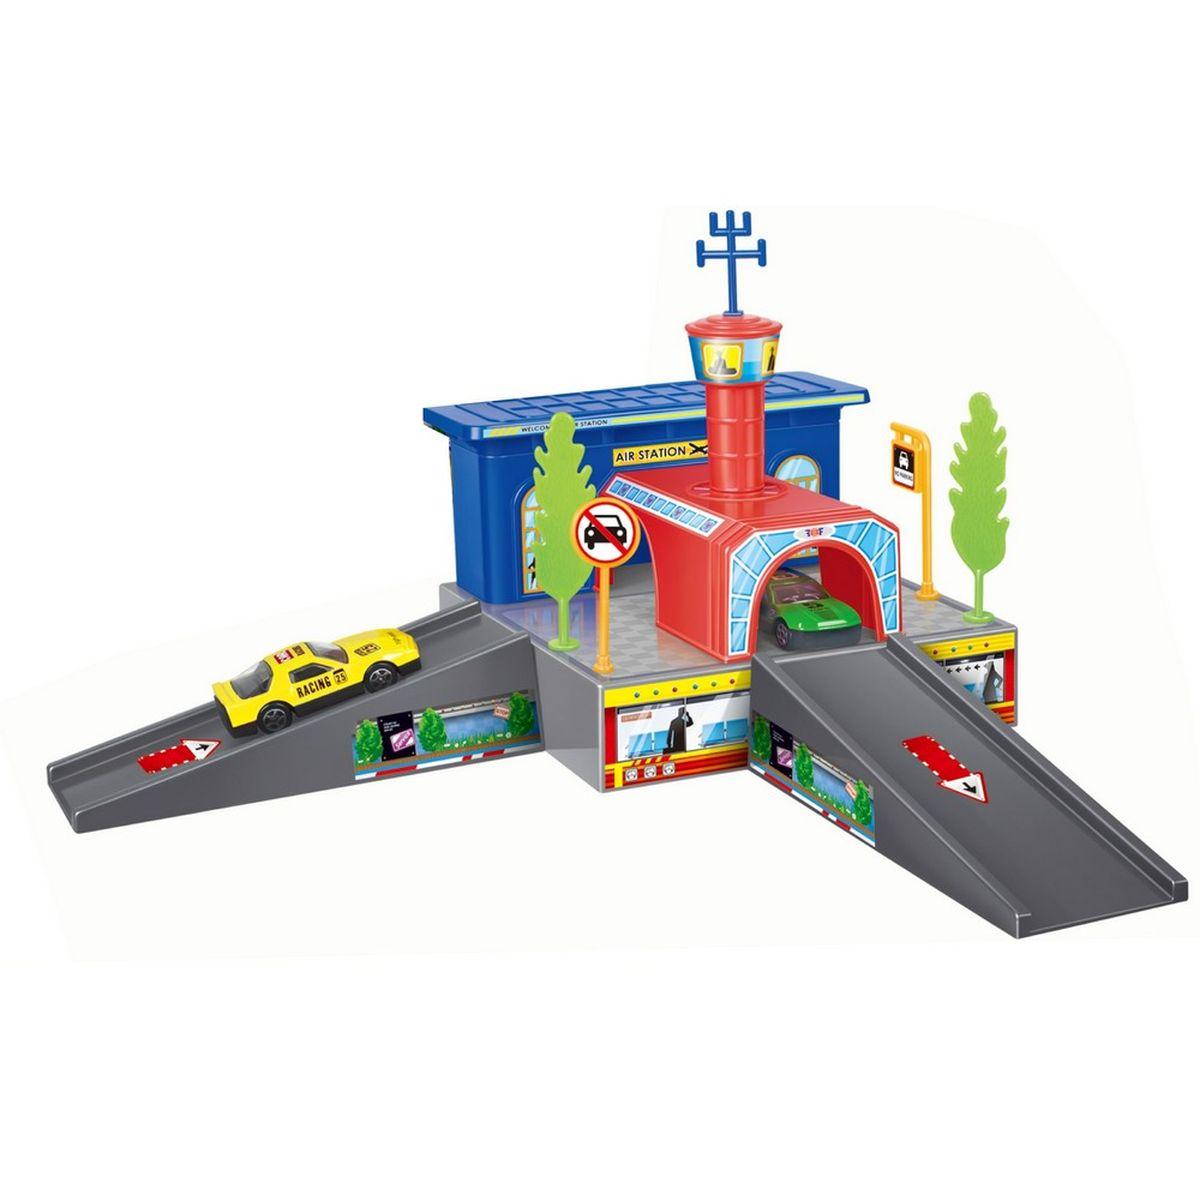 Dave Toy Игровой набор Аэропорт32019Игровой набор Dave Toy Аэропорт - это будет отличное приобретение для вашего малыша. Все детали игрового набора выполнены из качественного безопасного для детей материала.На первом уровне аэропорта прорисован зал ожидания с пассажирами. Въезд и выезд серого цвета в виде небольших мостиков, на которых стрелками обозначено направление движения. Если подняться к синему зданию аэропорта, то можно попасть в арку красного цвета, на крыше которой расположена вышка для наблюдений. Когда машинке нужно выехать, это можно сделать из той же арки. Вокруг расположены дорожные знаки и зеленые деревья. br>В комплекте с набором идет 1 металлическая машинка и лист с наклейками для украшения станции. Сам аэропорт выполнен в приятных красных. Играя в этот игровой набор, ваш ребенок сможет весело проводить свое время как один, так и в компании сверстников.